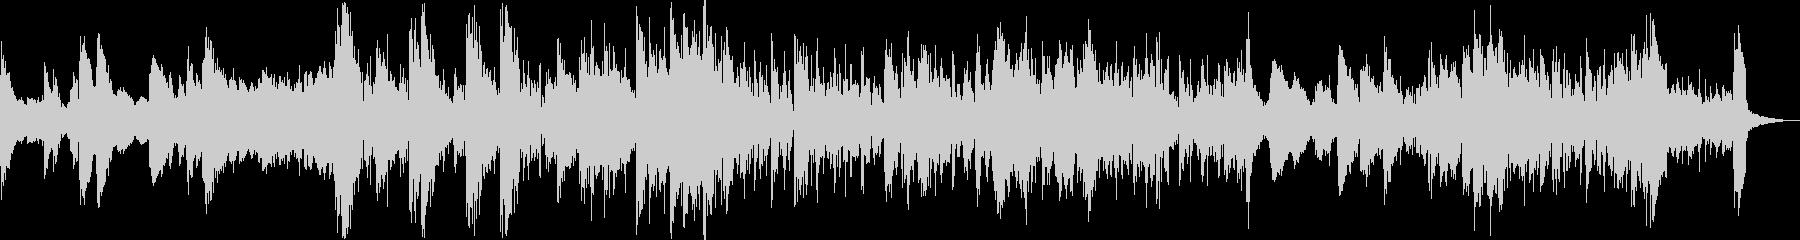 往年のジャズとエレクトロビートの融合の未再生の波形